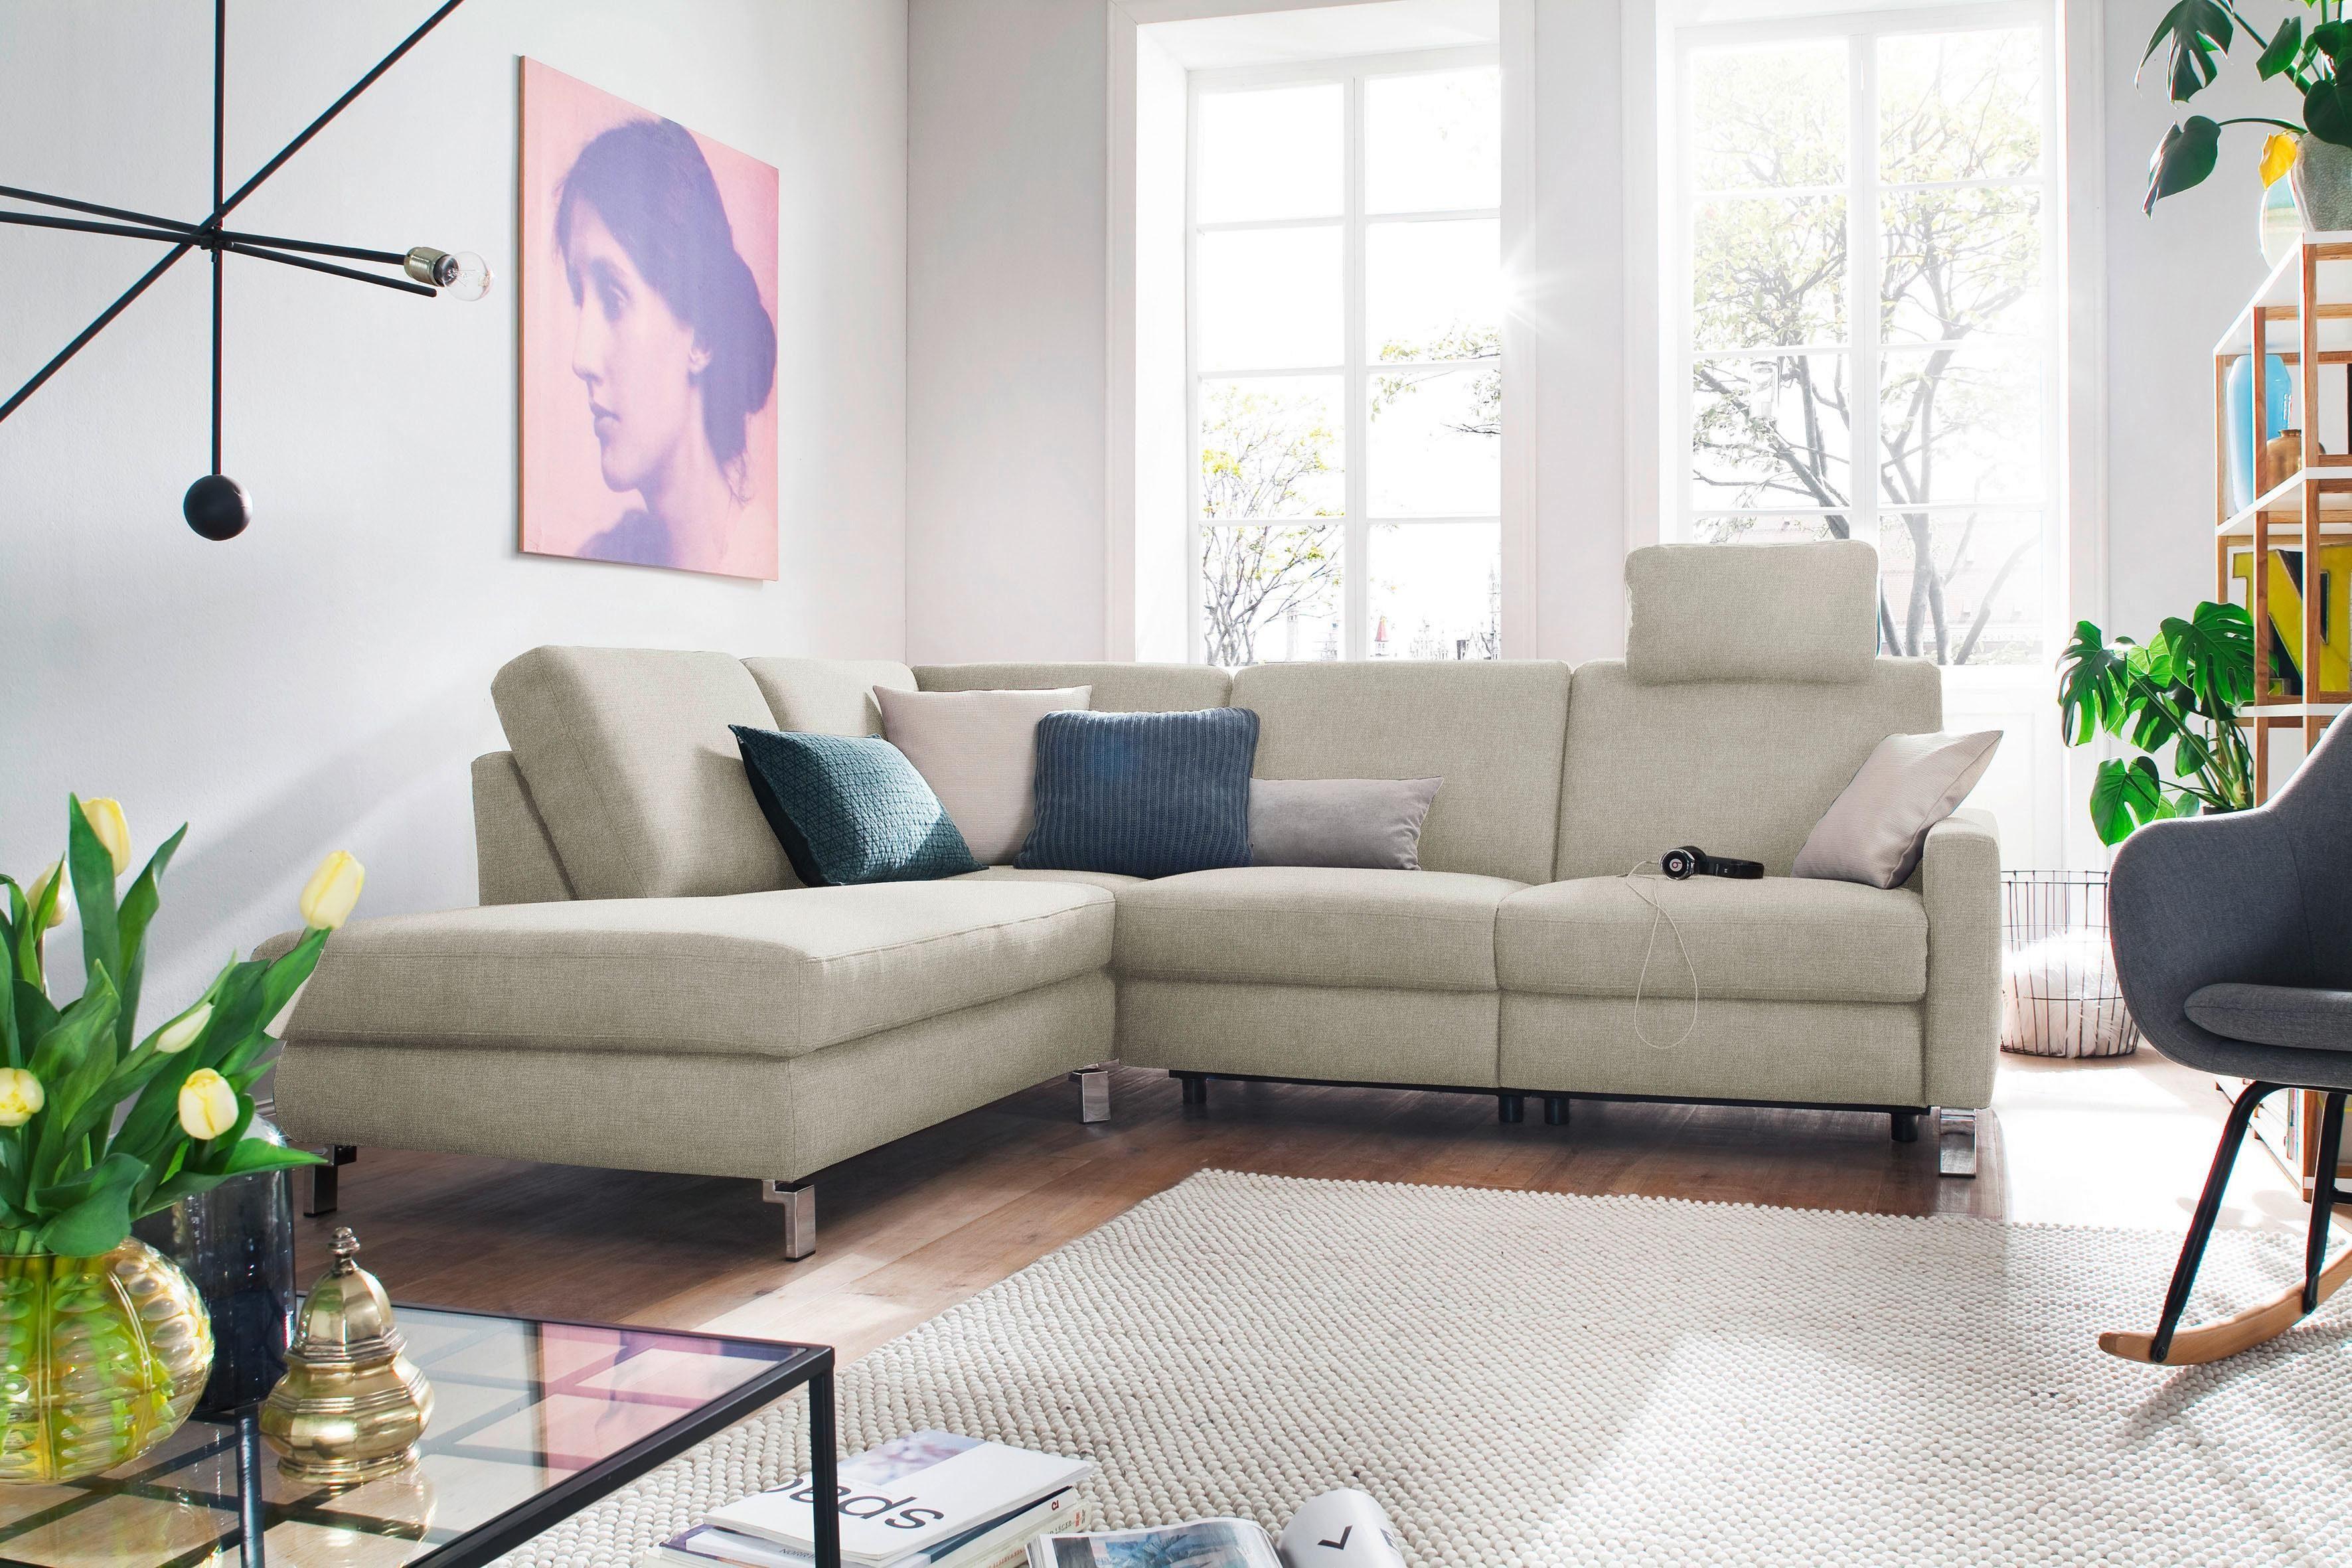 DELAVITA Ecksofa »Mainau«, wahlweise mit elektrischer Relaxfunktion, Federkern online kaufen | OTTO